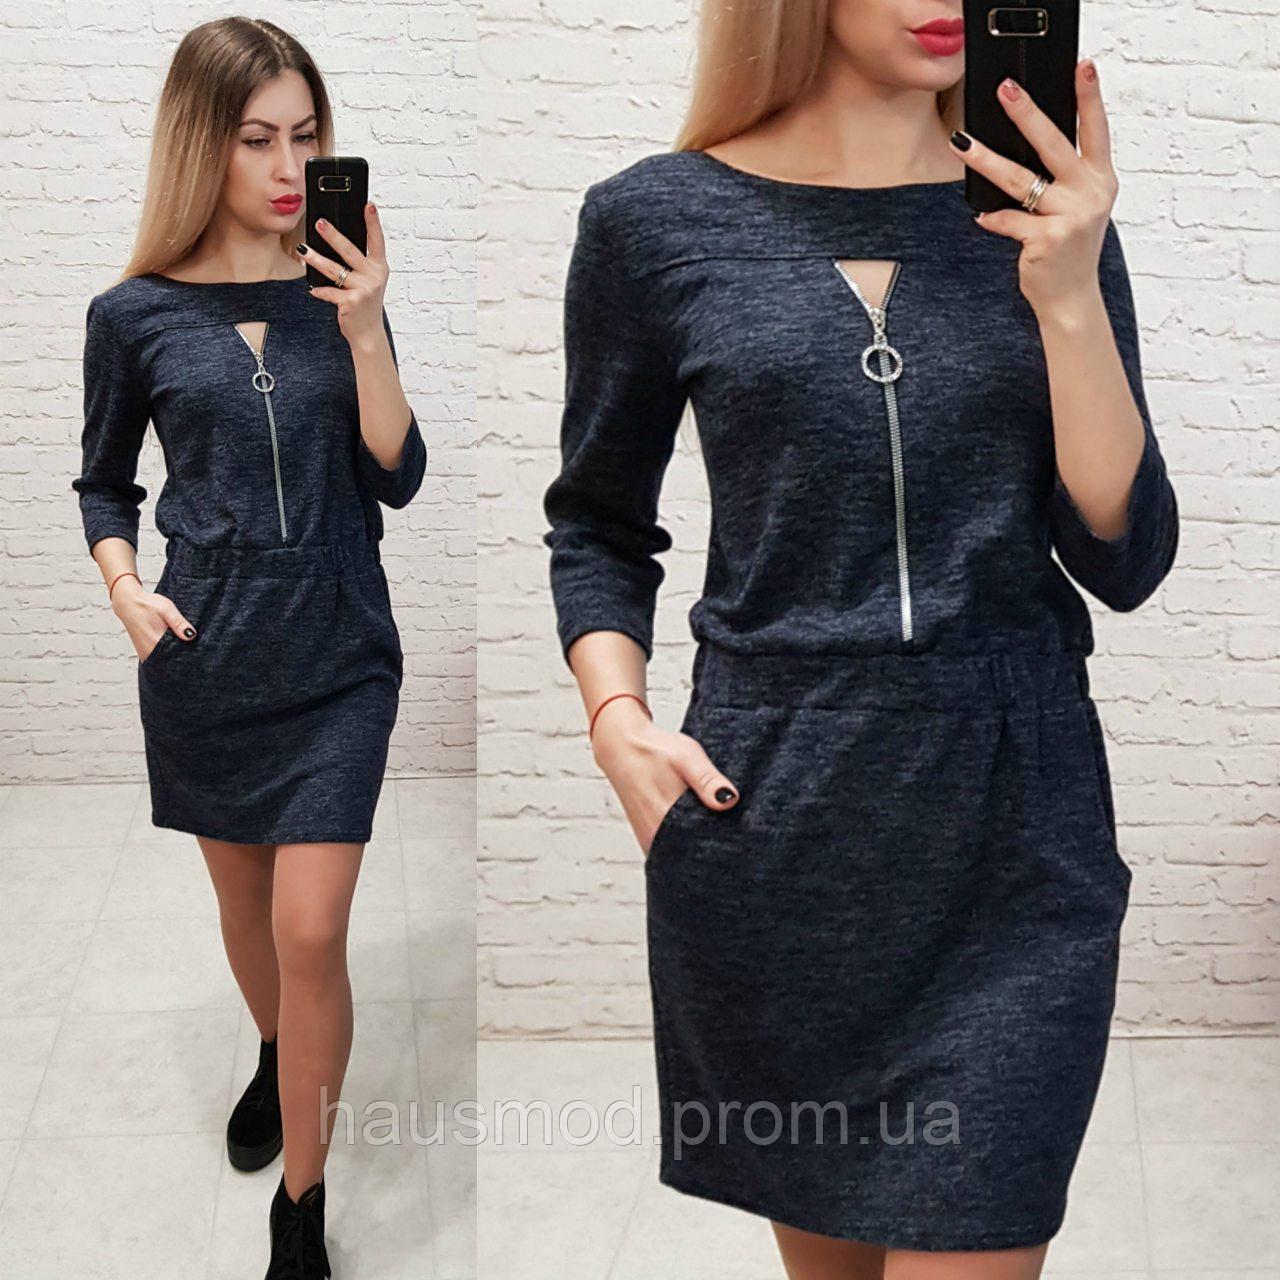 Женское платье молния декольте ткань трикотаж меланж цвет темно-синий